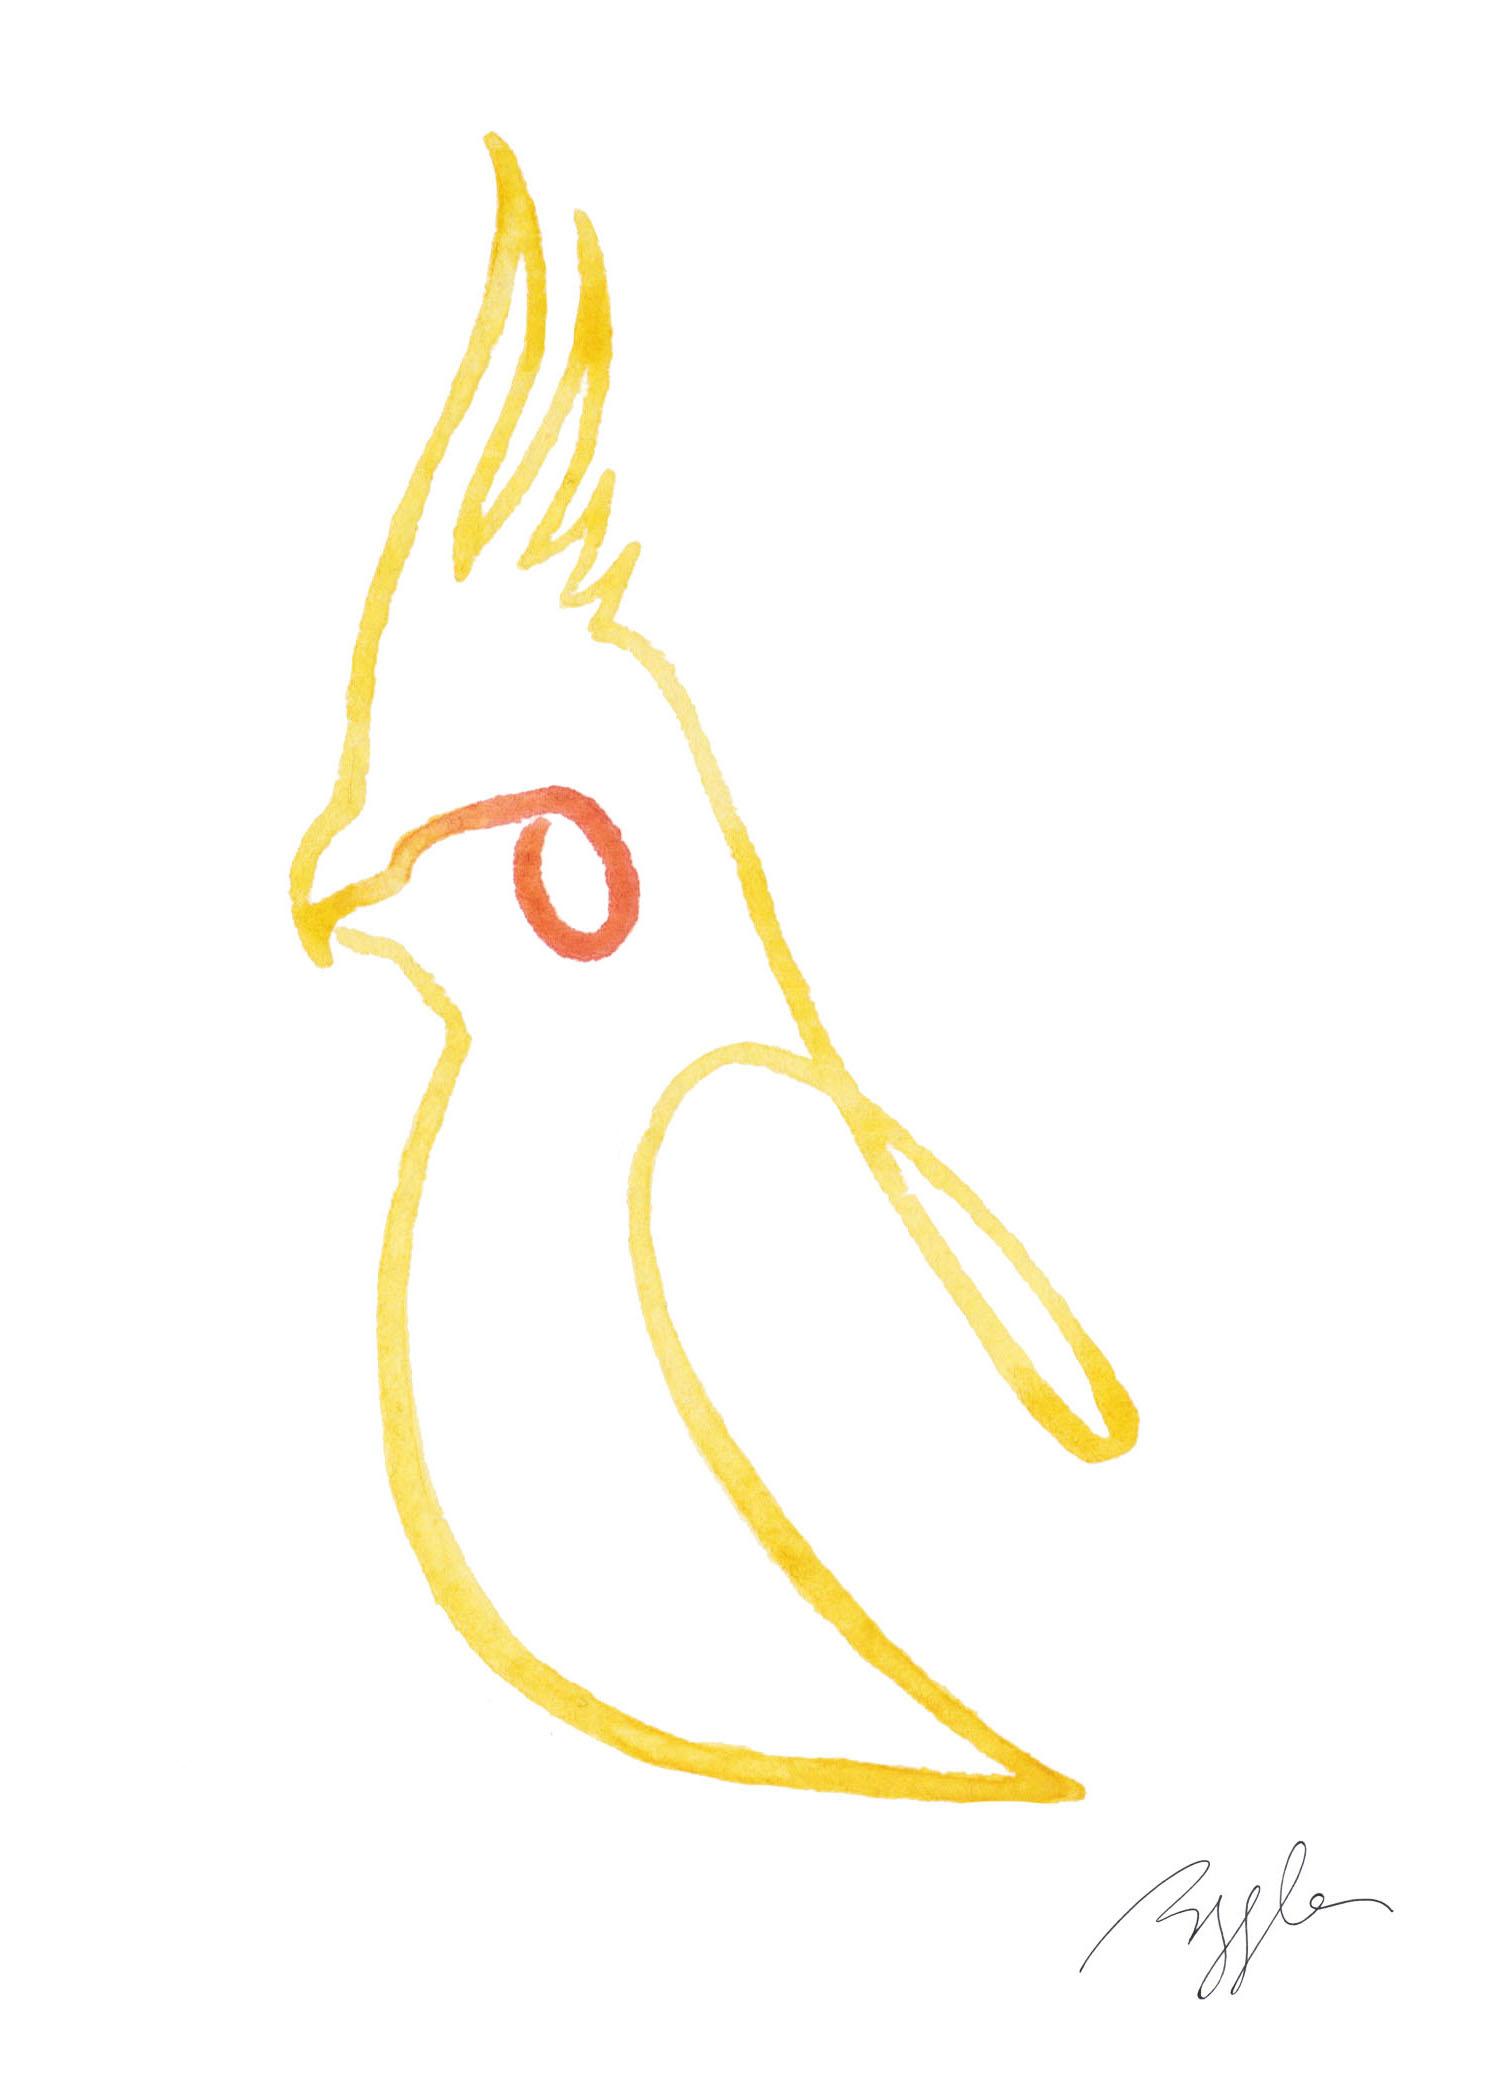 Brazzlebird - Yellow Cockatiel Bird Line Watercolor Painting.jpg